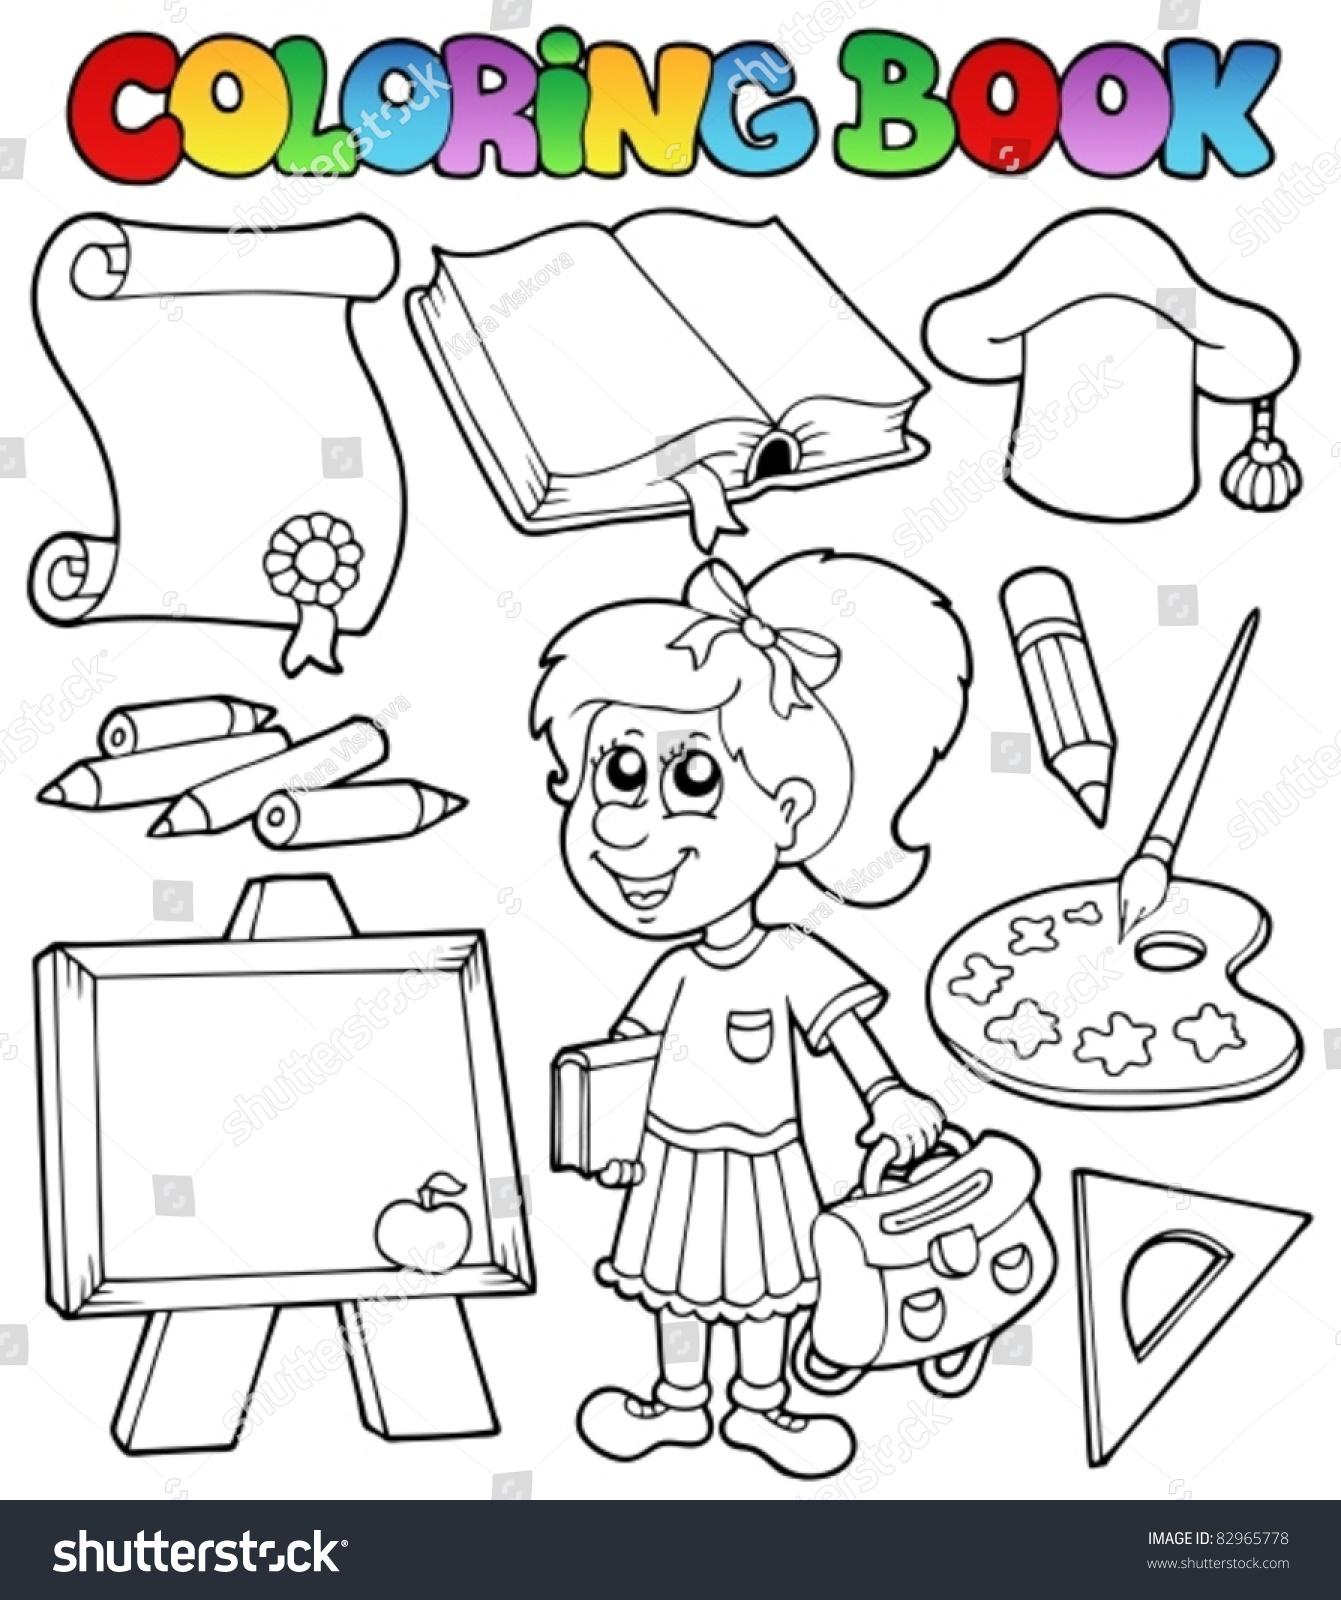 Coloring book school - Coloring Book School Topic 2 Vector Illustration